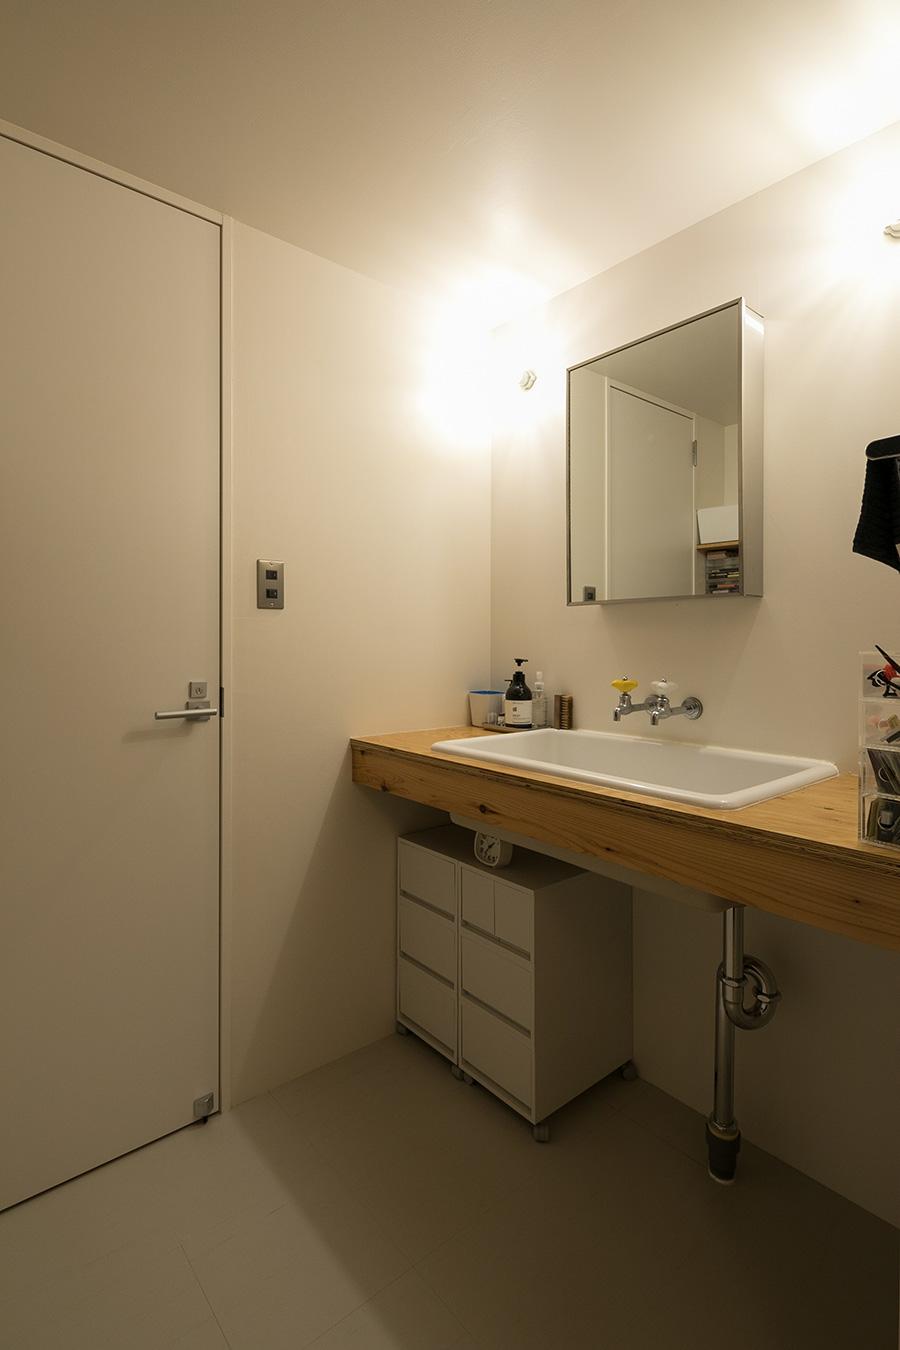 洗面台はラーチ合板、シンクは実験用のものを使い、カジュアルに。